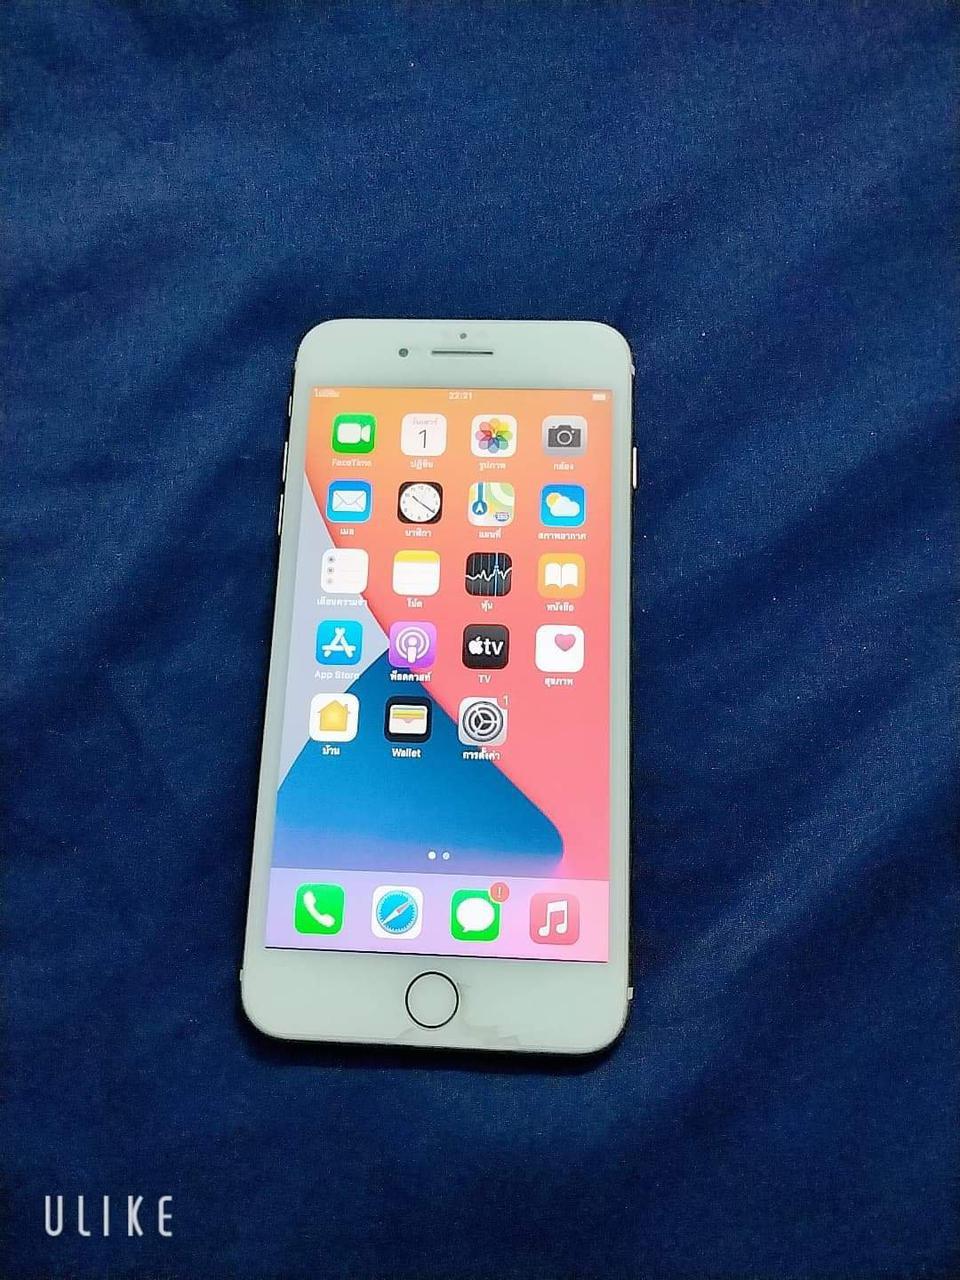 ไอโฟน8พลัส รูปที่ 2